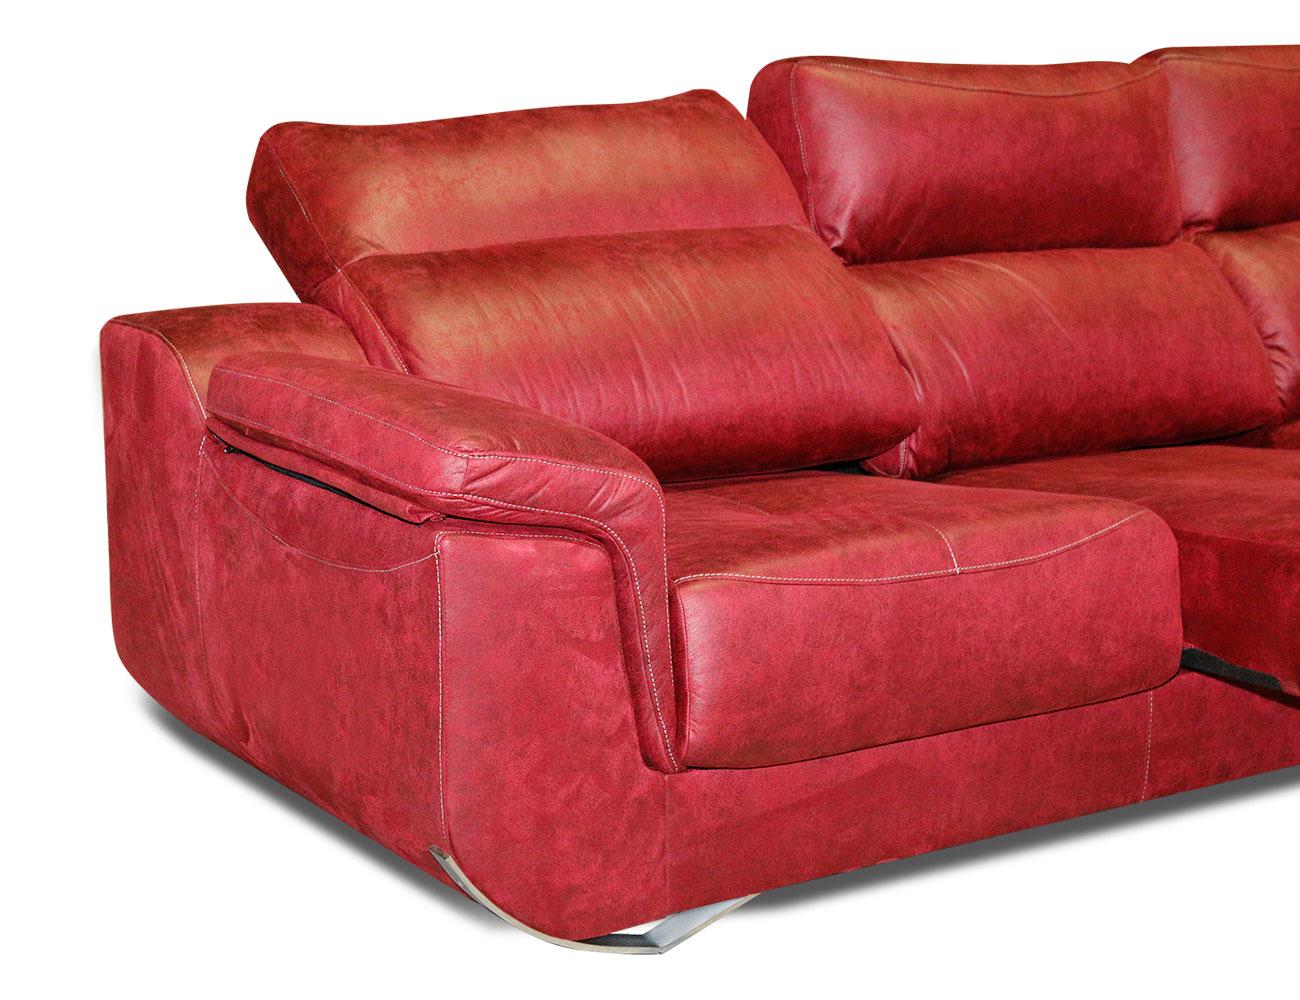 Sofa chaiselongue moderno tejido anti manchas rojo detalle